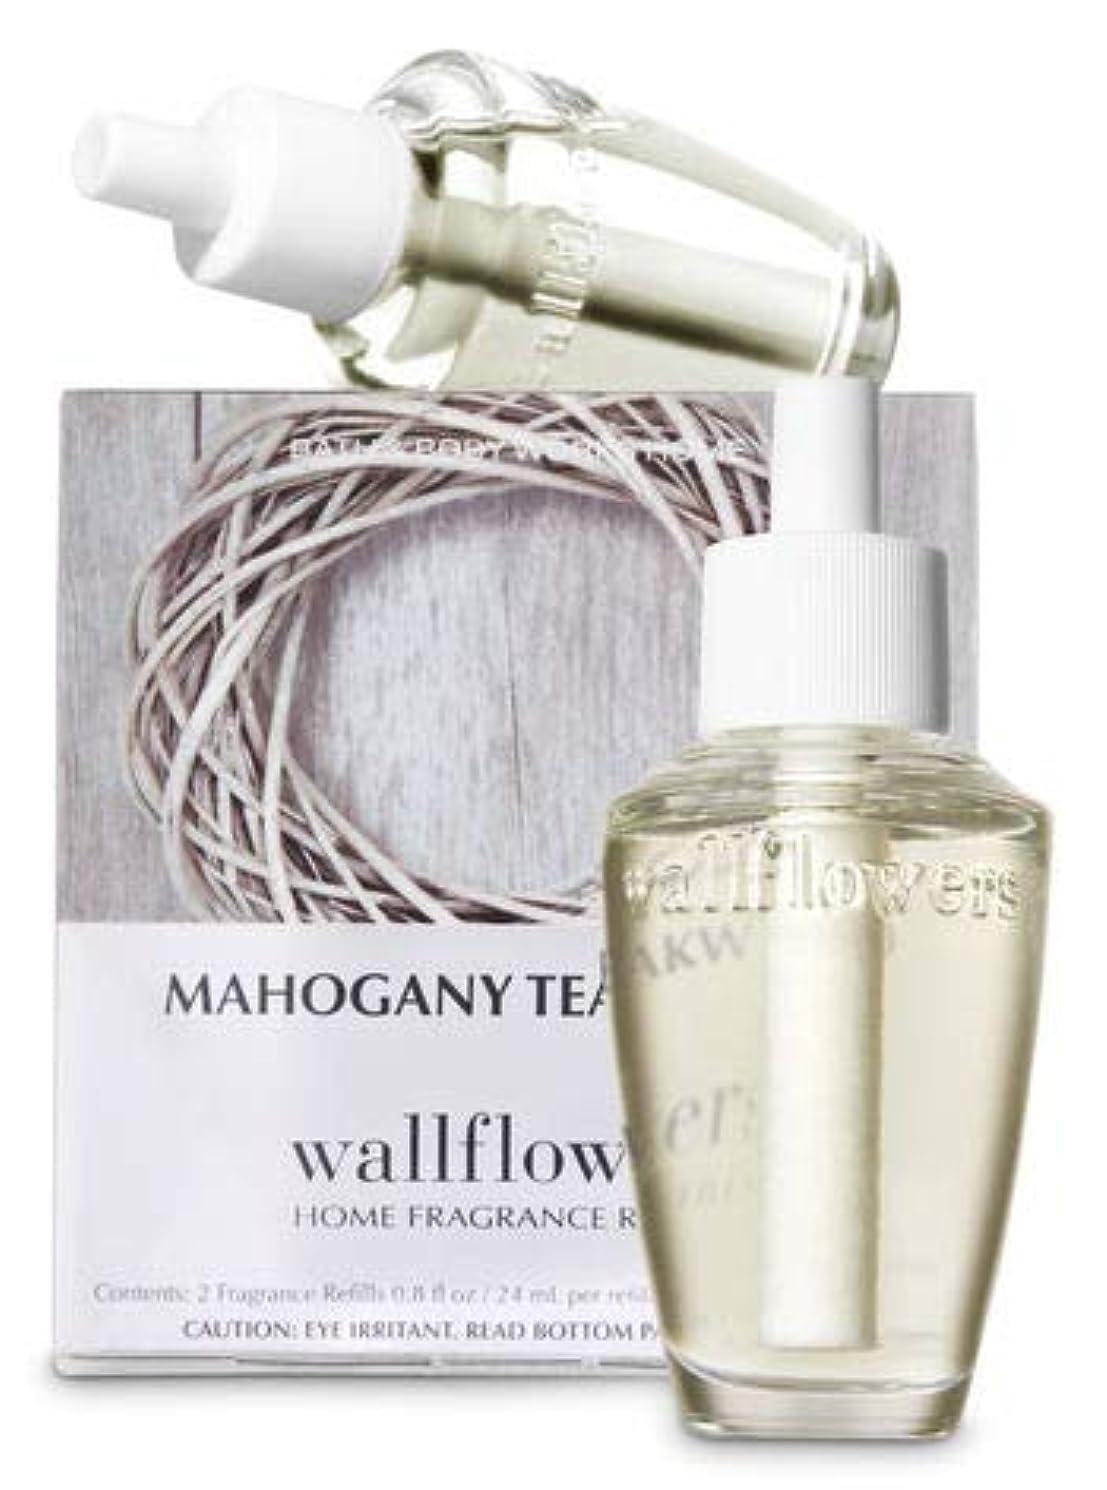 拒絶受動的買収【Bath&Body Works/バス&ボディワークス】 ウォールフラワー フレグランス 詰替えリフィル(2個入り) マホガニーティークウッド Wallflowers Fragrance 2-Pack Refills Mahogany Teakwood [並行輸入品]